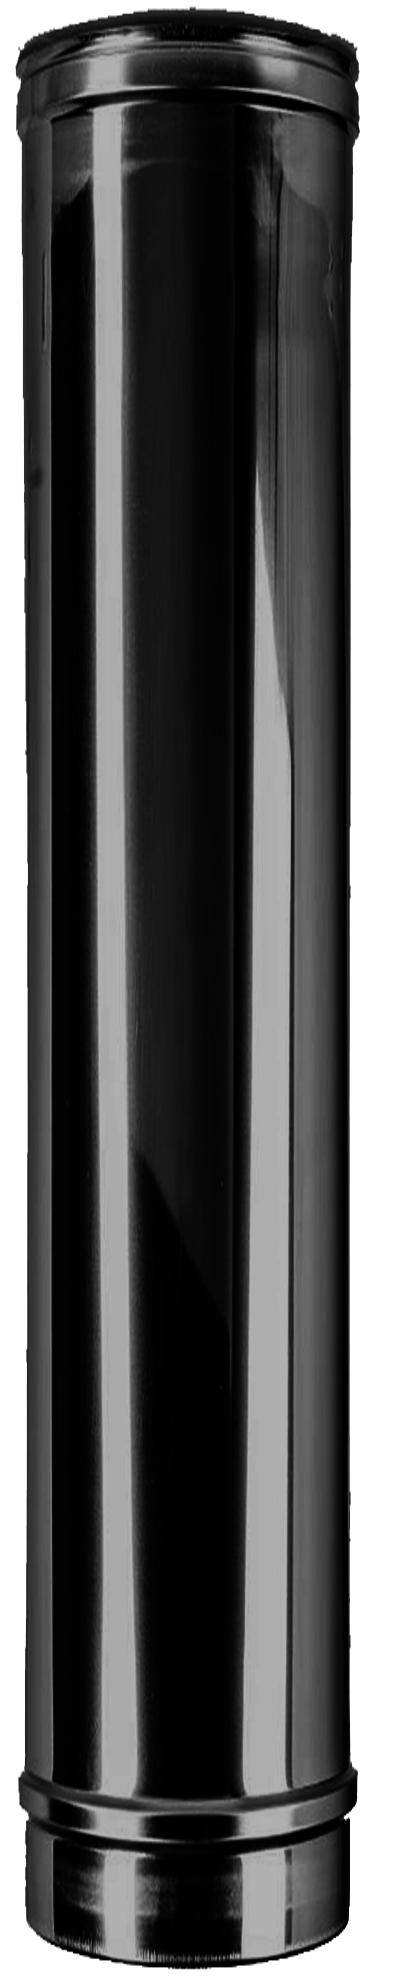 Längenelement 1000 mm DW Ø 150/200 mm schwarz - ISOTUBE Plus